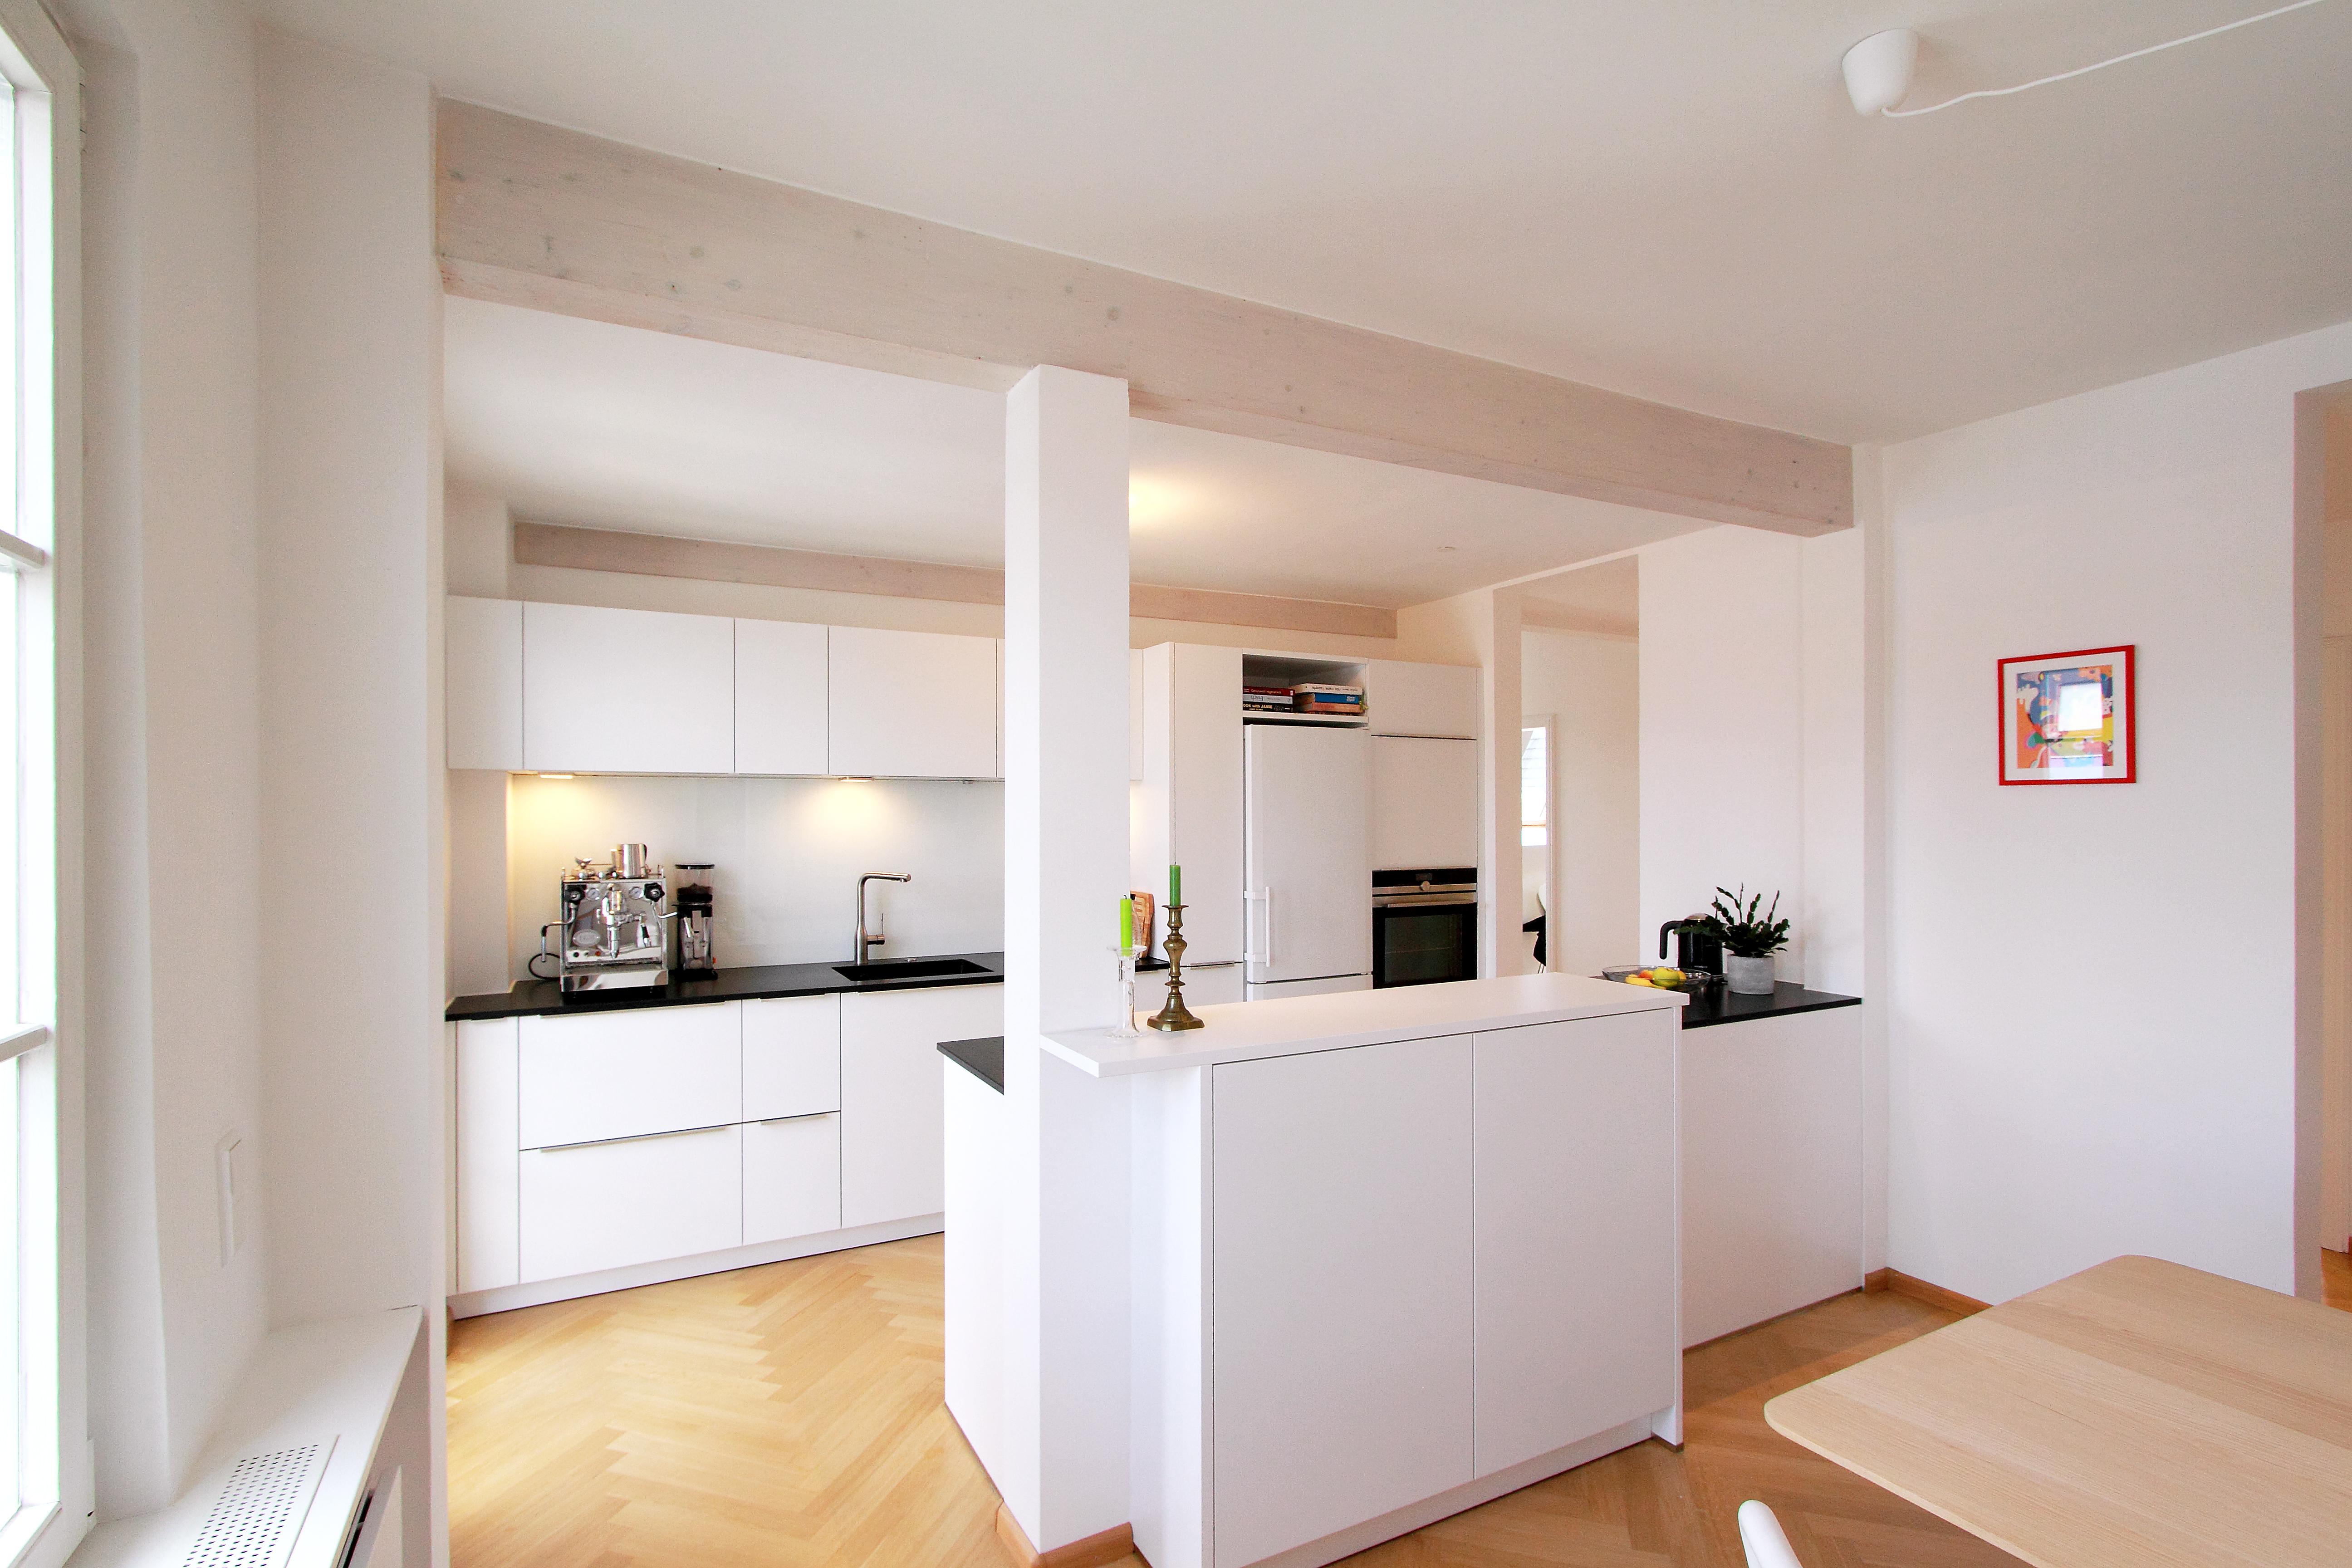 Wohnraumsanierung | Lassen | Freiburg | Breisgau - Badrenovierung ...